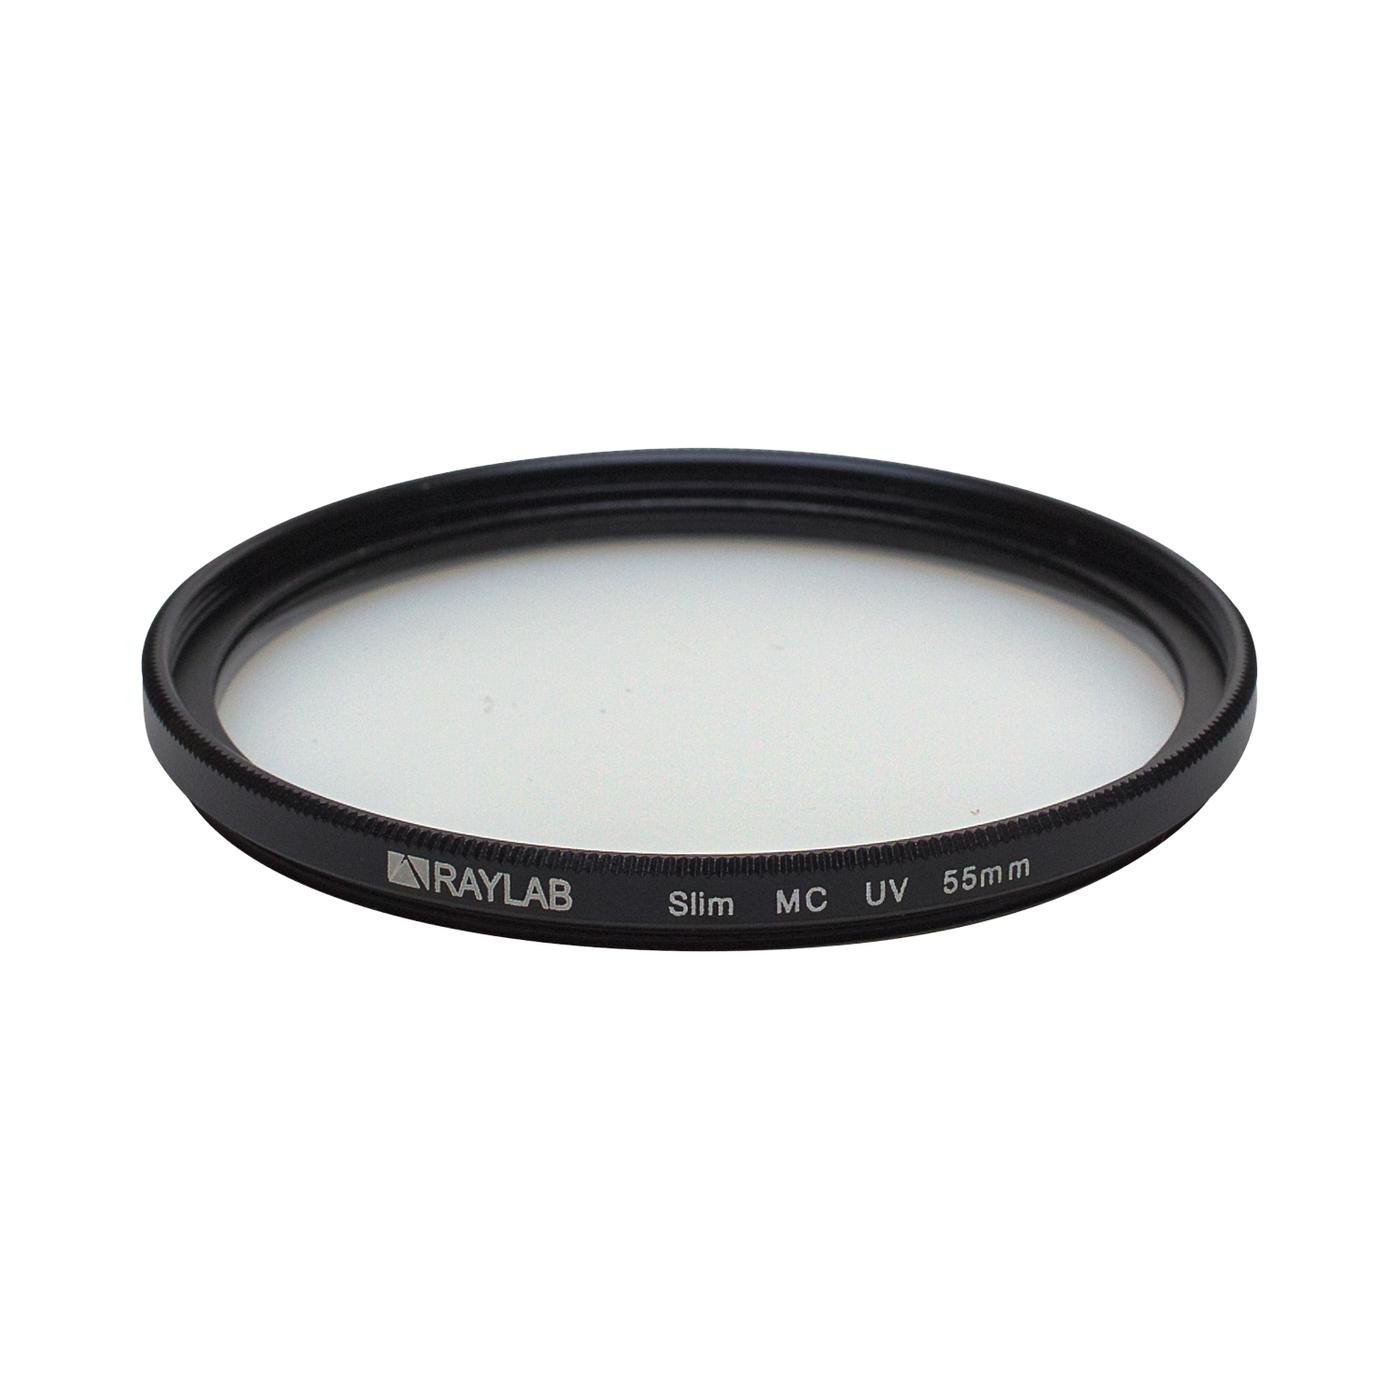 Фильтр защитный ультрафиолетовый RayLab UV Slim 55mm